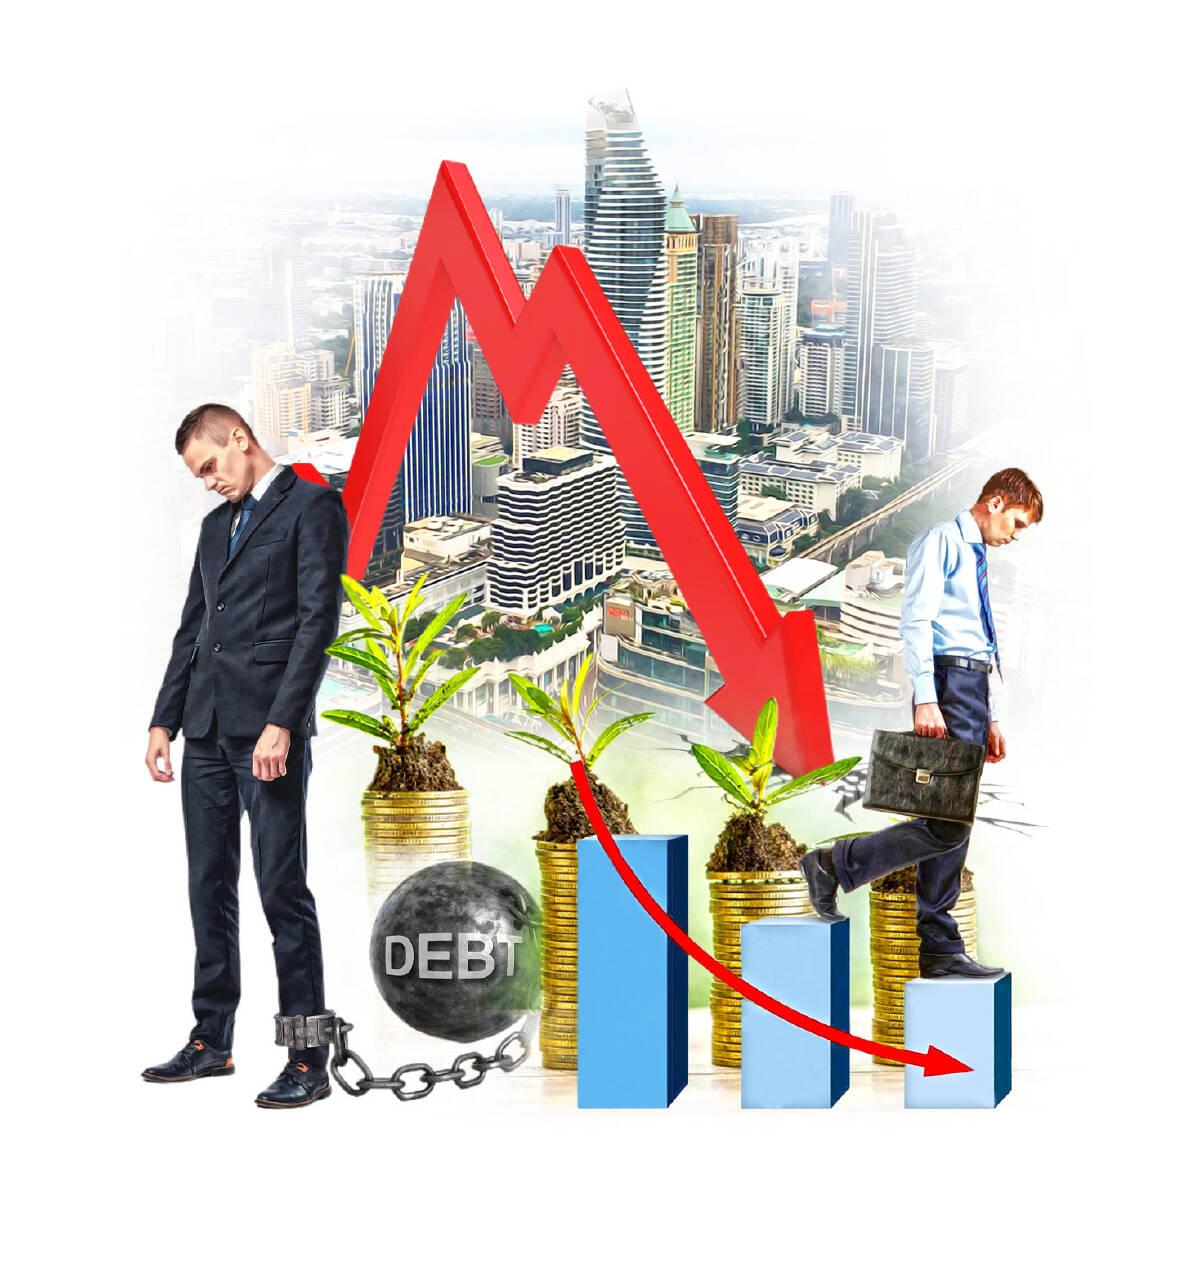 เศรษฐกิจถดถอย กับอัตราดอกเบี้ยตํ่า